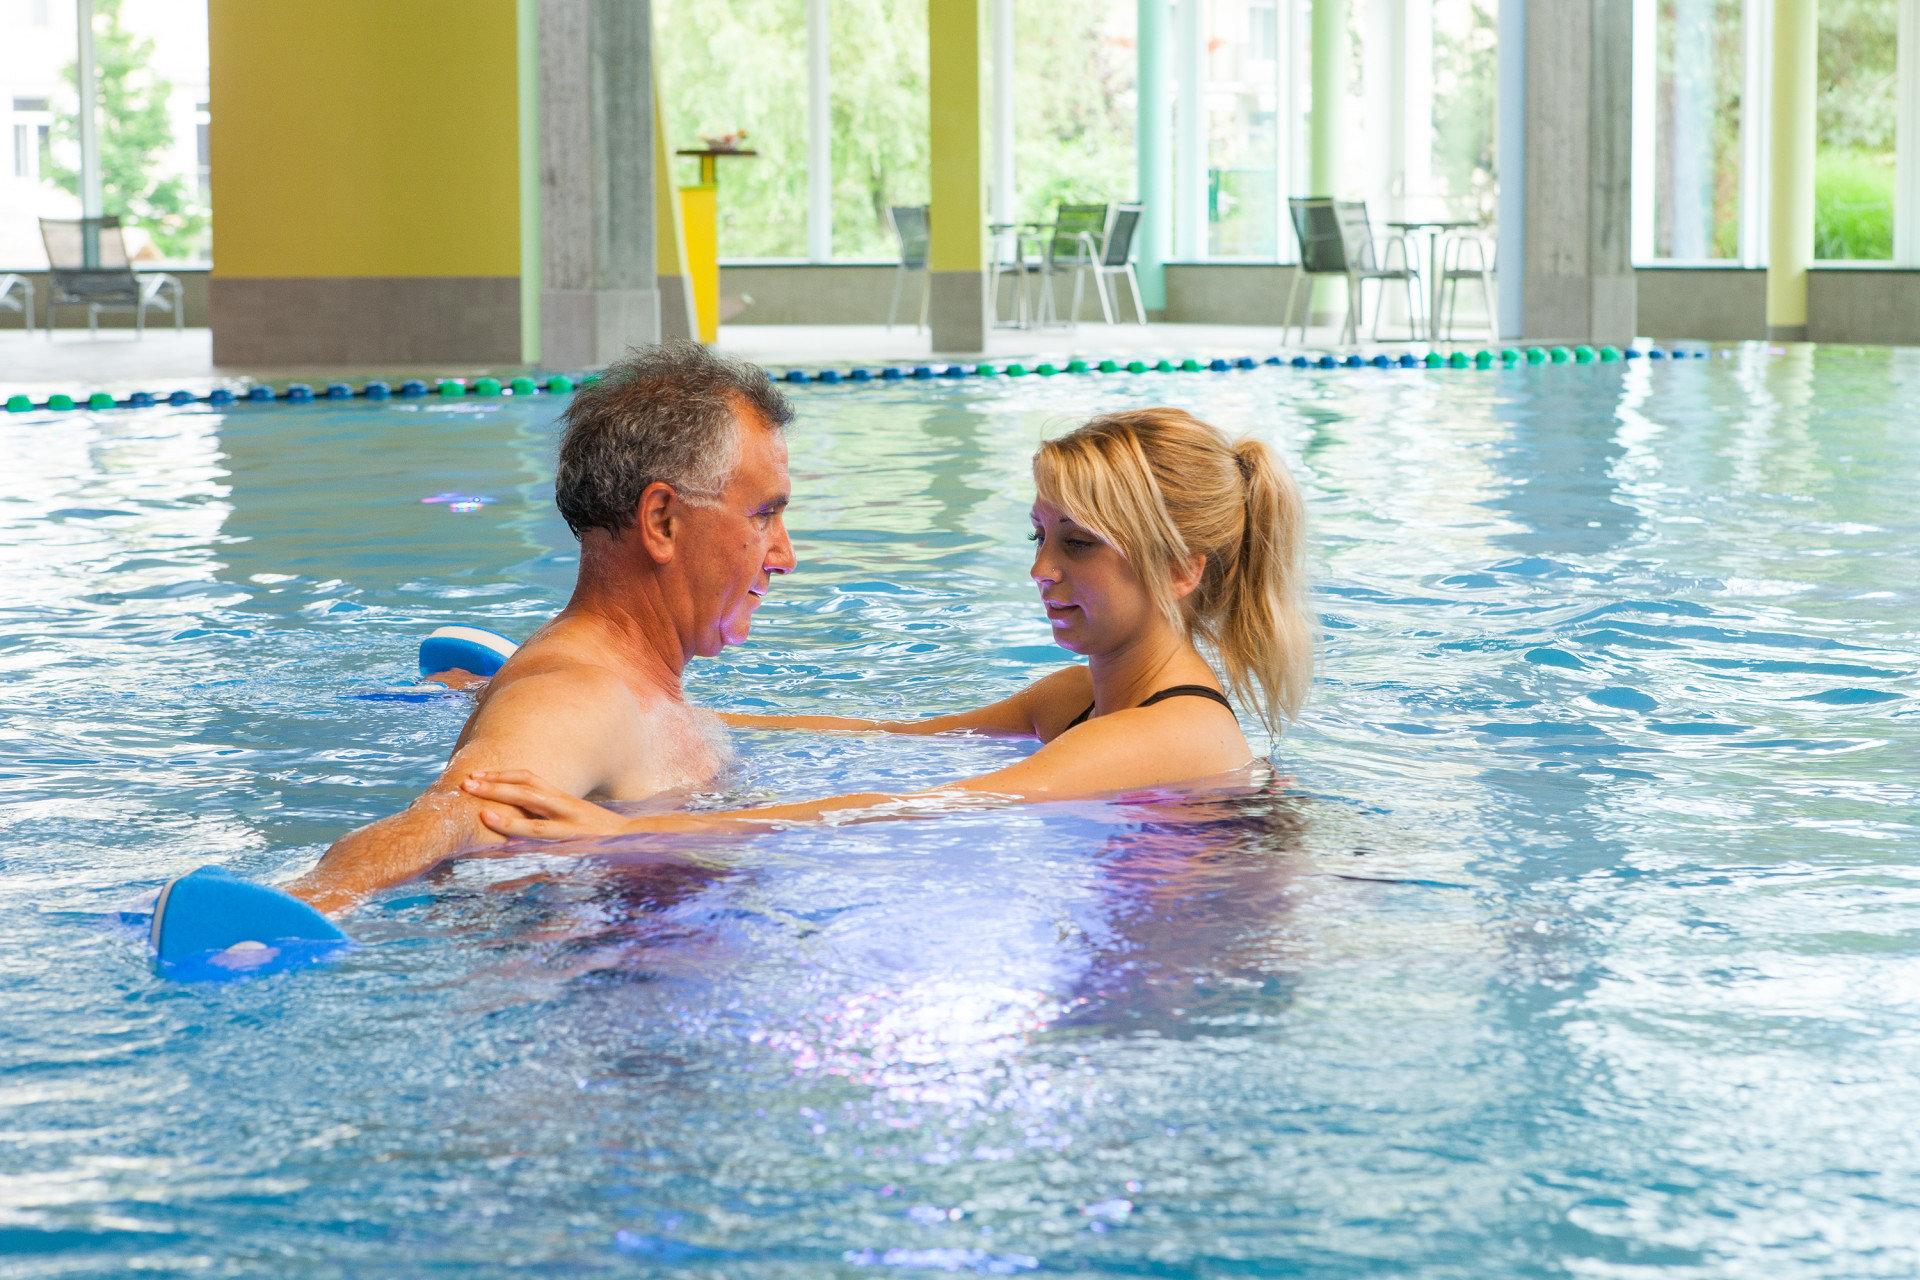 Patient macht Übung im Wasser mit Therapeutin